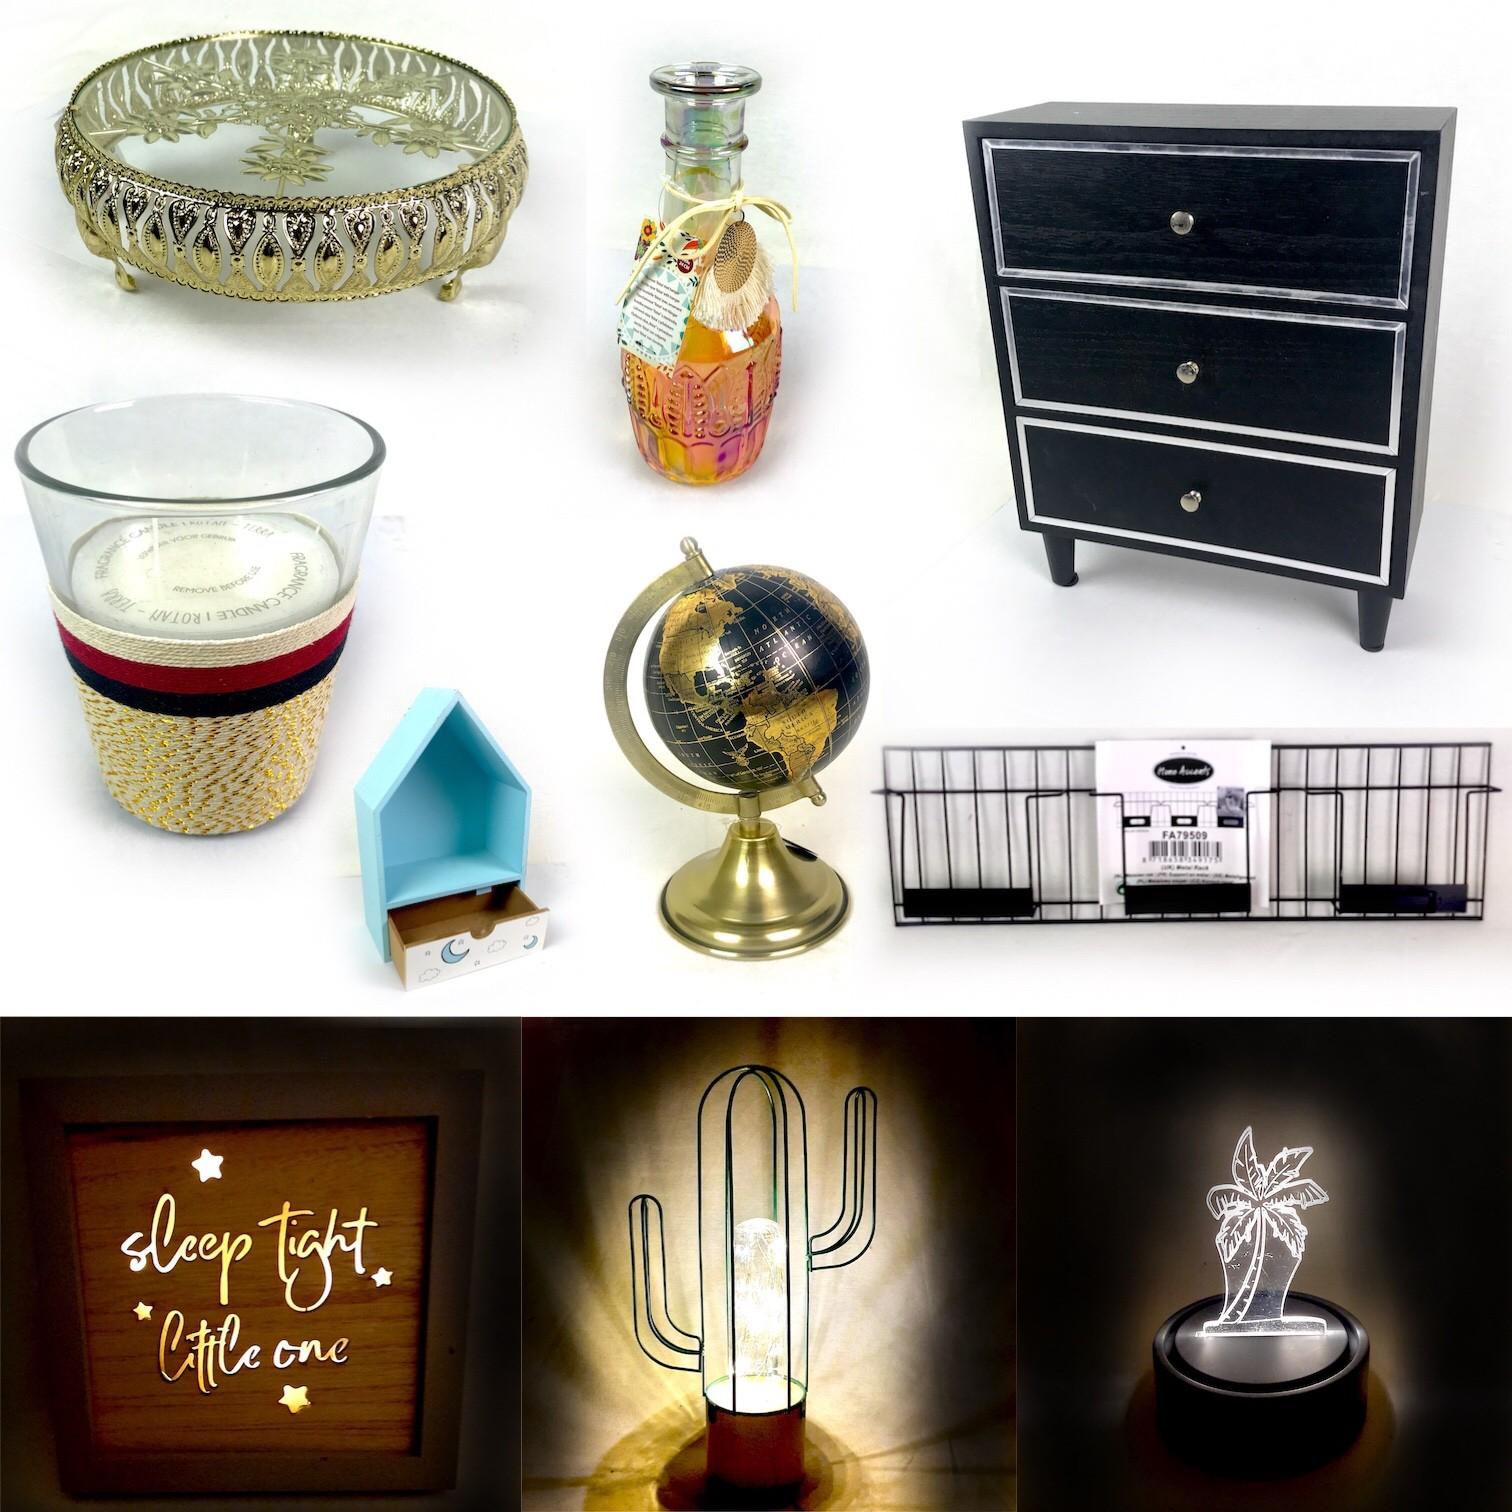 Metal Trays, Globes, Vintage Mirrors, LED Lamps, Candles & More Est. Original Retail €6,968, Vilnius, LT